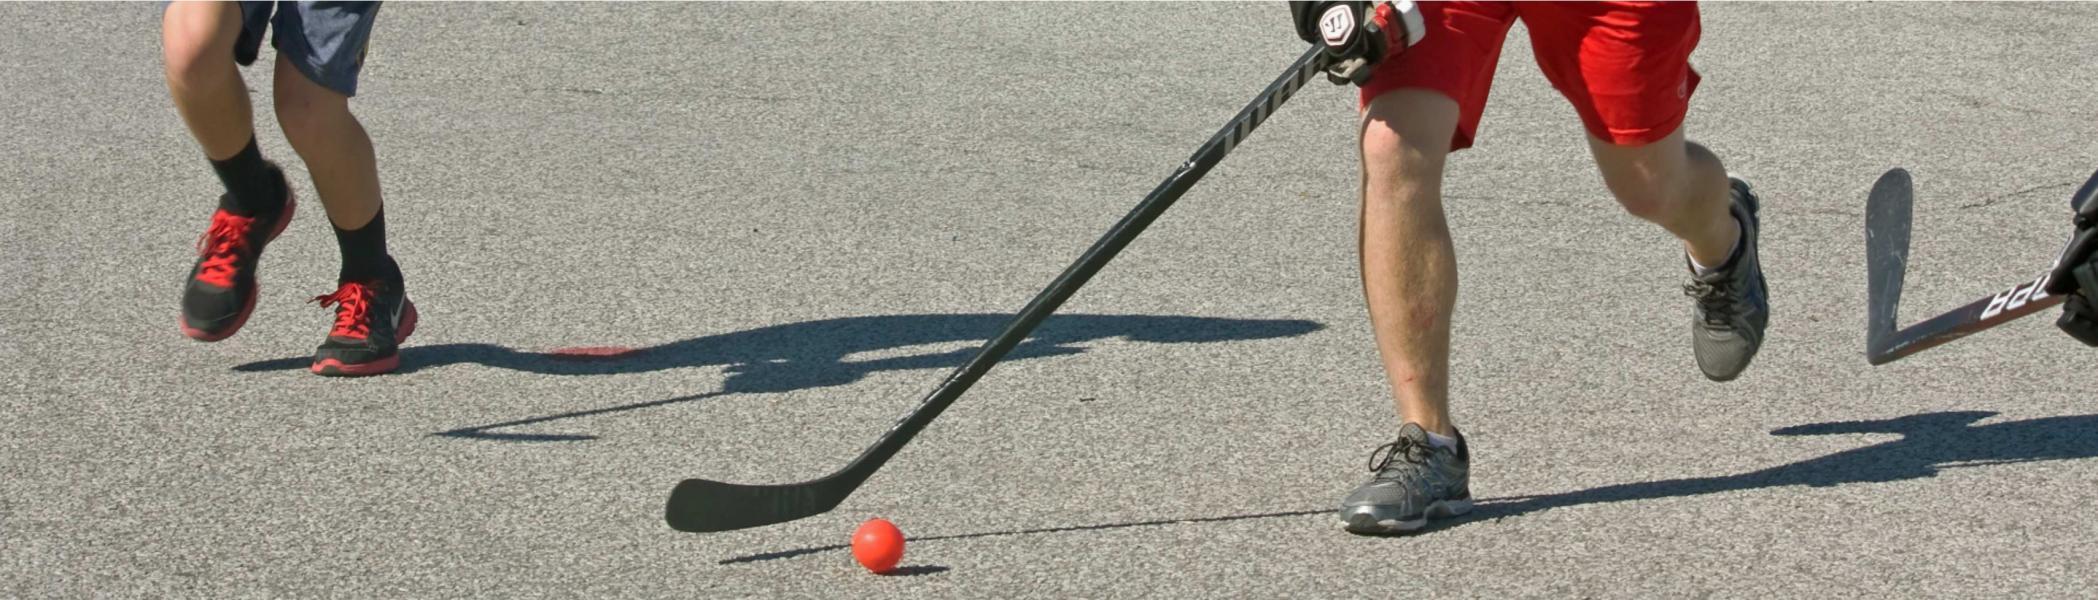 Road Hockey